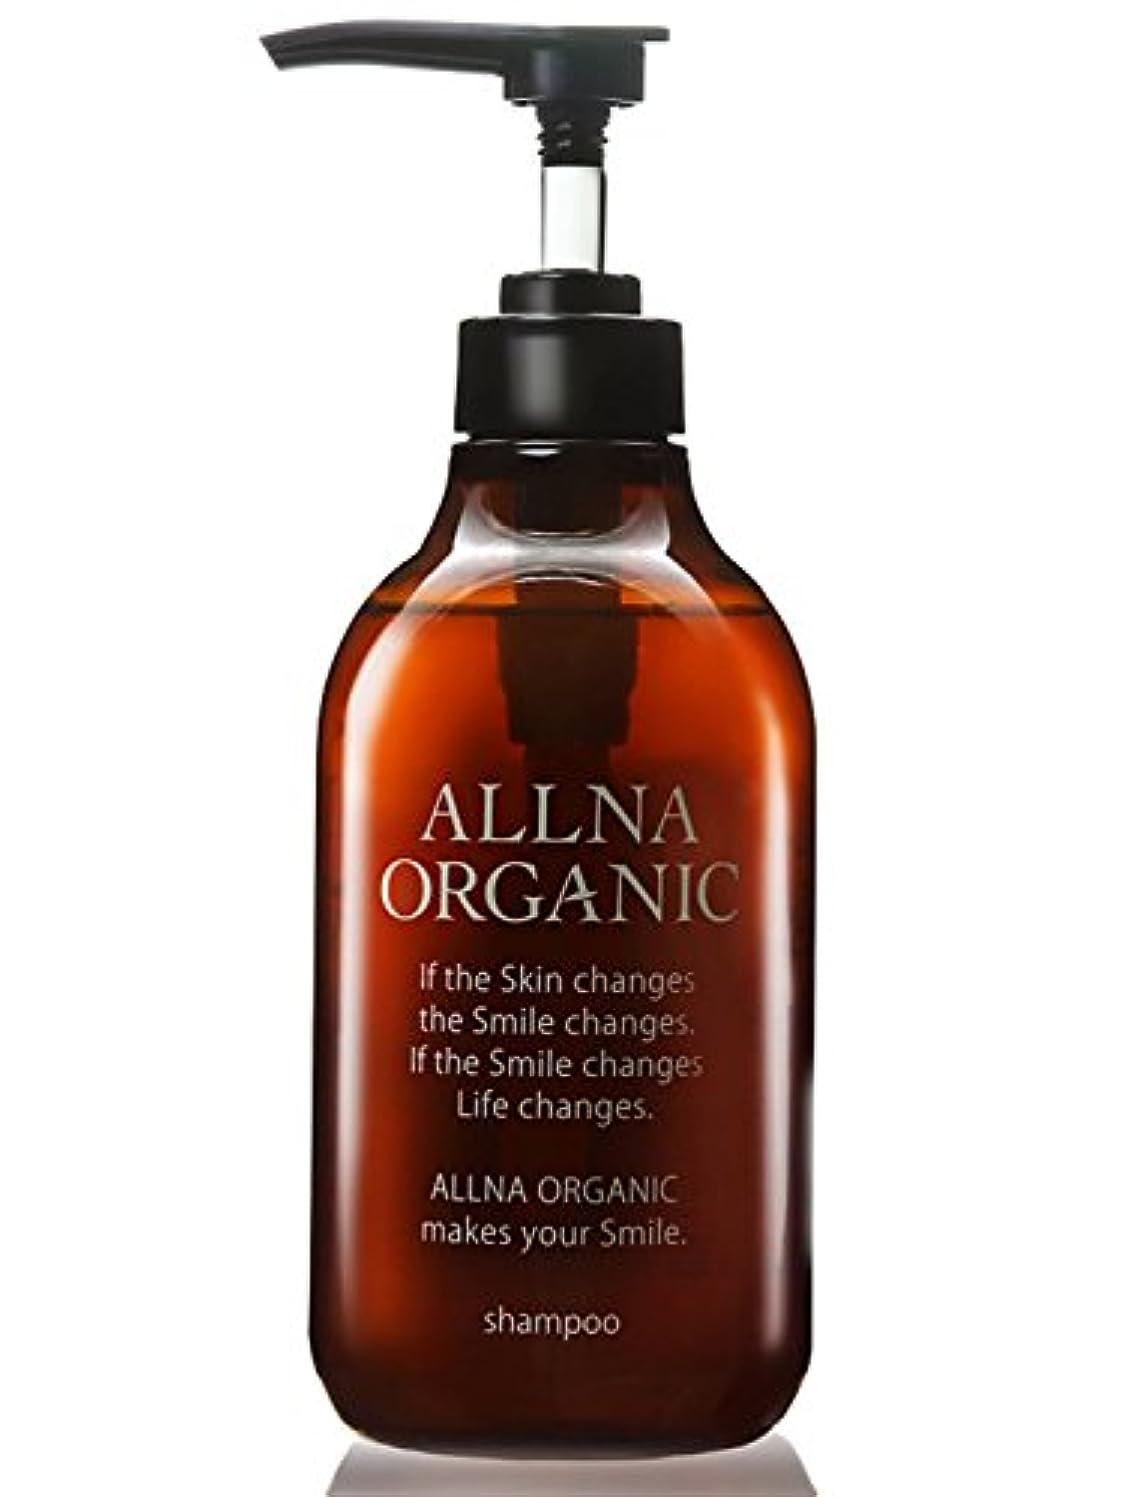 赤熟達したタンクオルナ オーガニック シャンプー 無添加 ノンシリコン アミノ酸 無香料でボタニカルな香り「コラーゲン ヒアルロン酸 ビタミンC誘導体 セラミド 配合」500ml (シャンプー ポンプ)